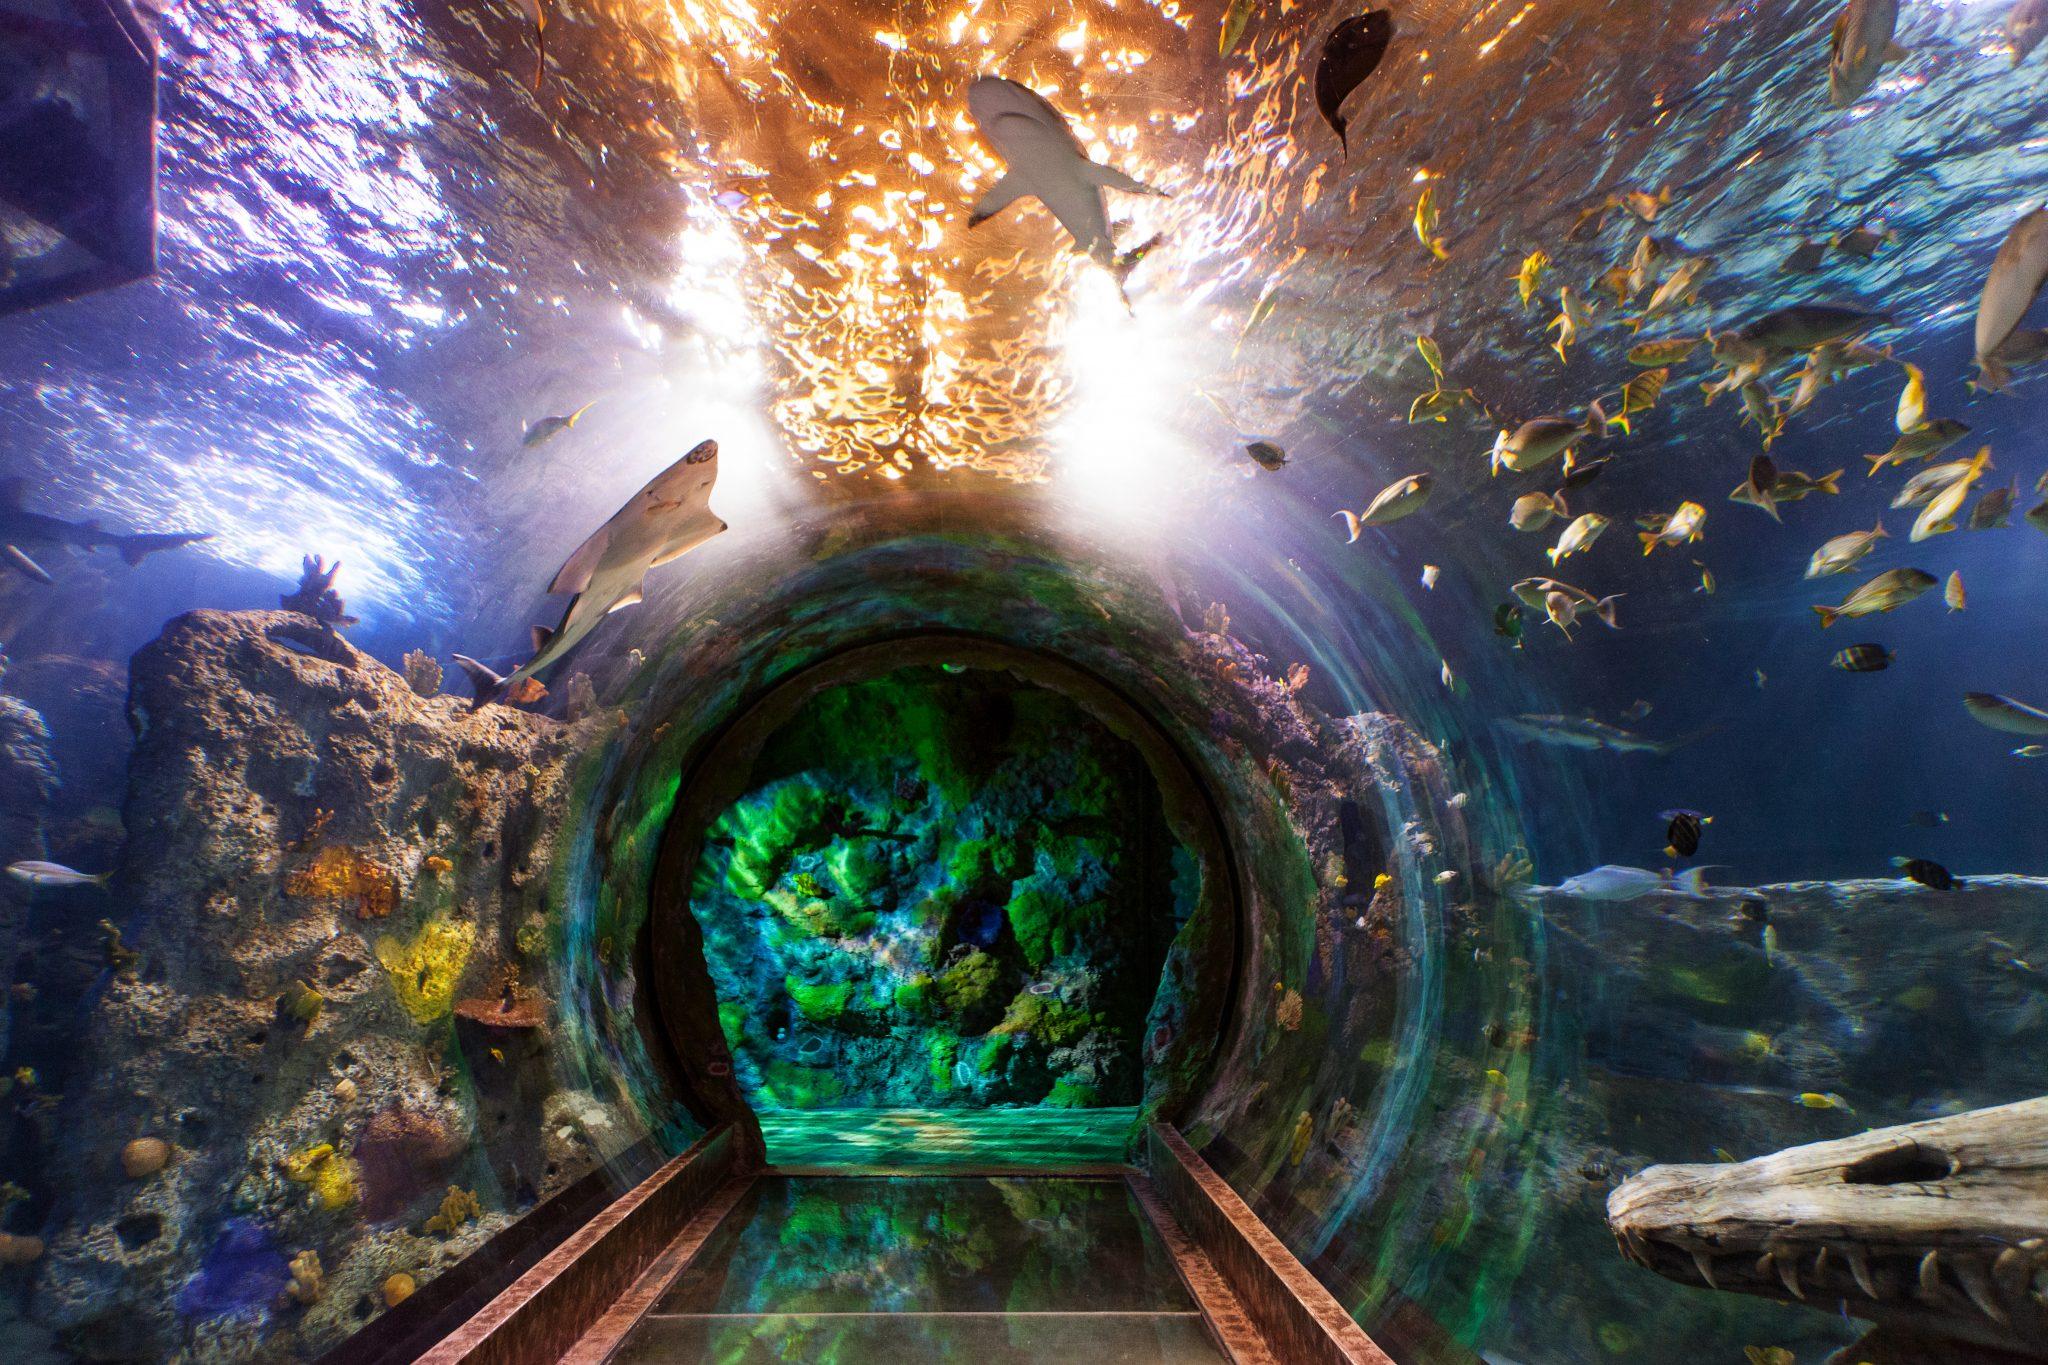 Sea Life Aquarium, Grapevine, Texas